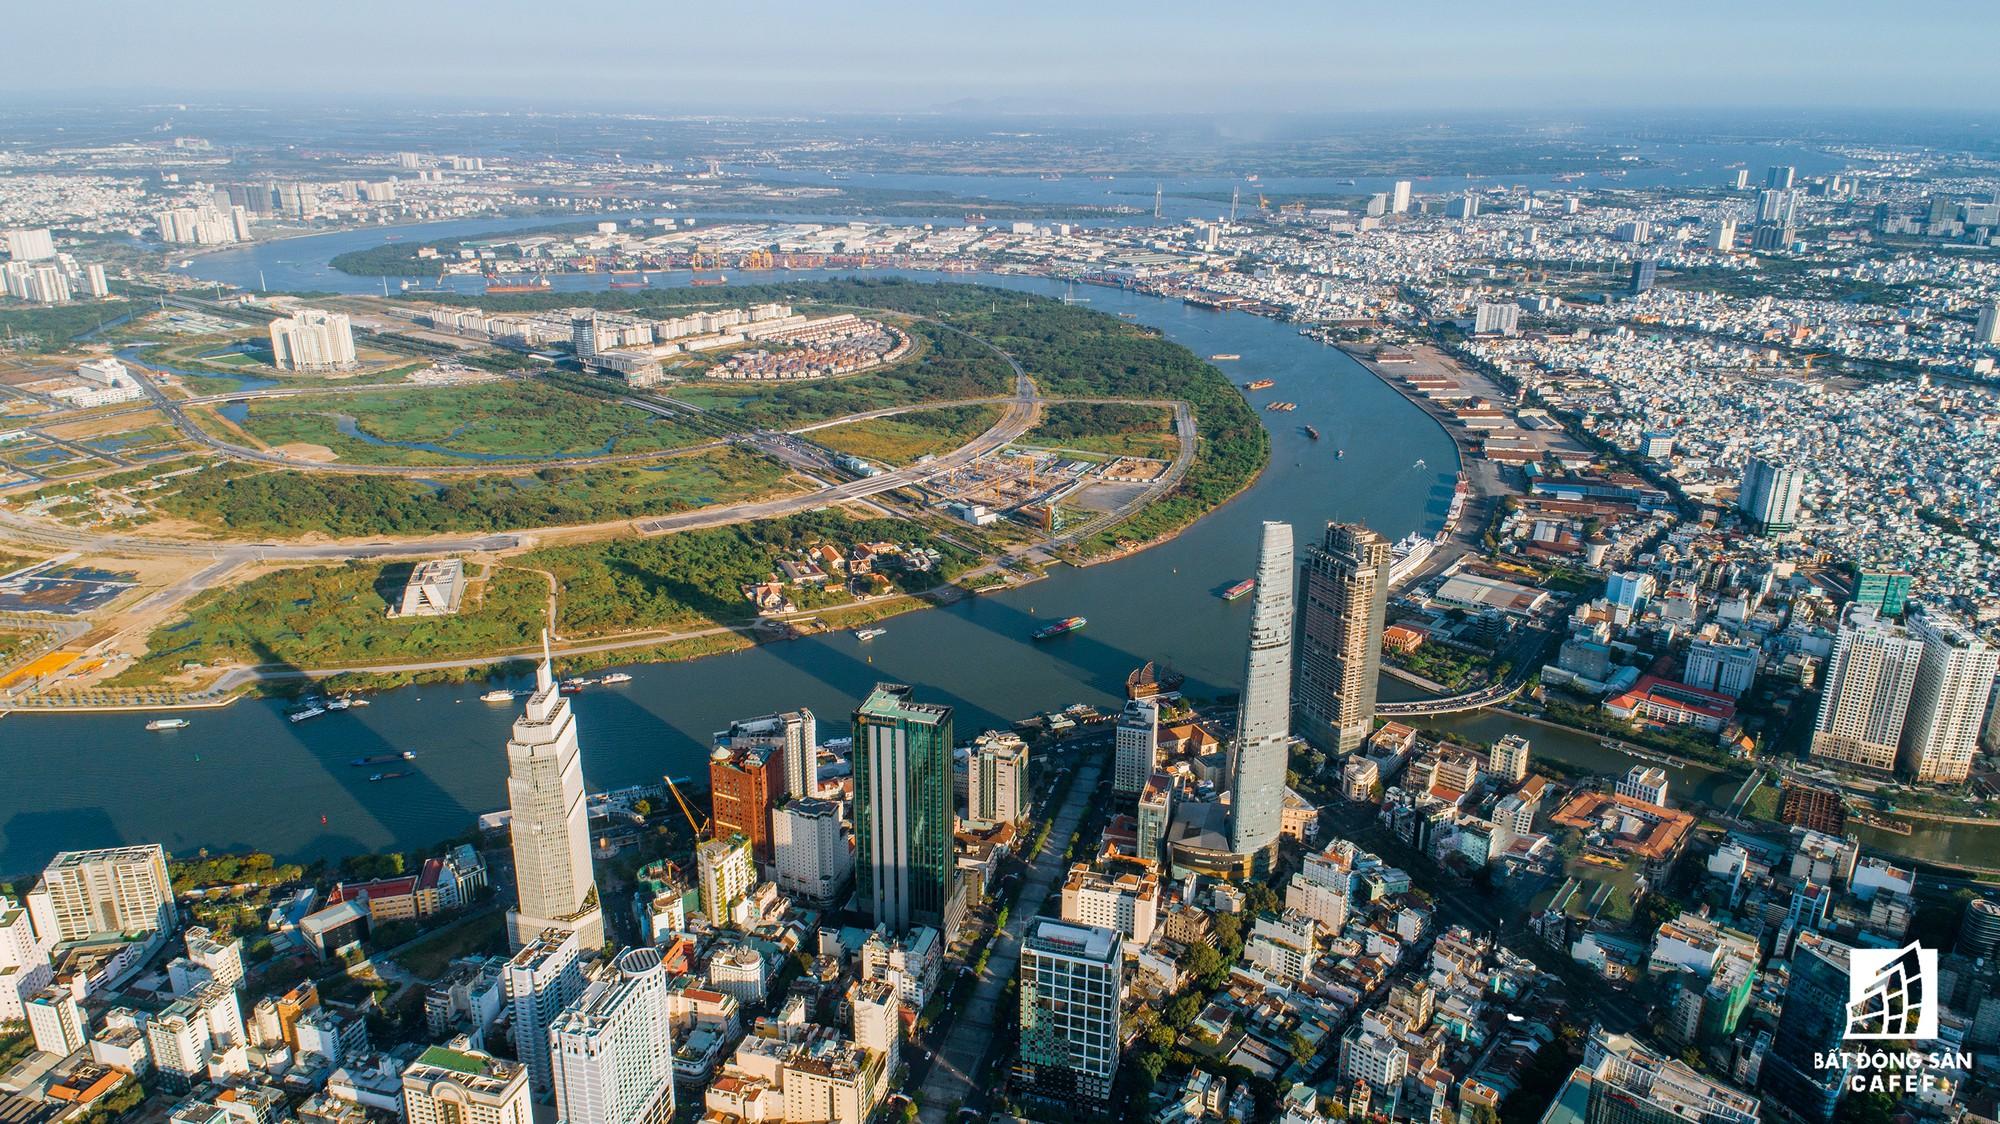 Diện mạo hai bờ sông Sài Gòn tương lai nhìn từ loạt siêu dự án tỷ đô, khu vực trung tâm giá nhà lên hơn 1 tỷ đồng/m2 - Ảnh 3.